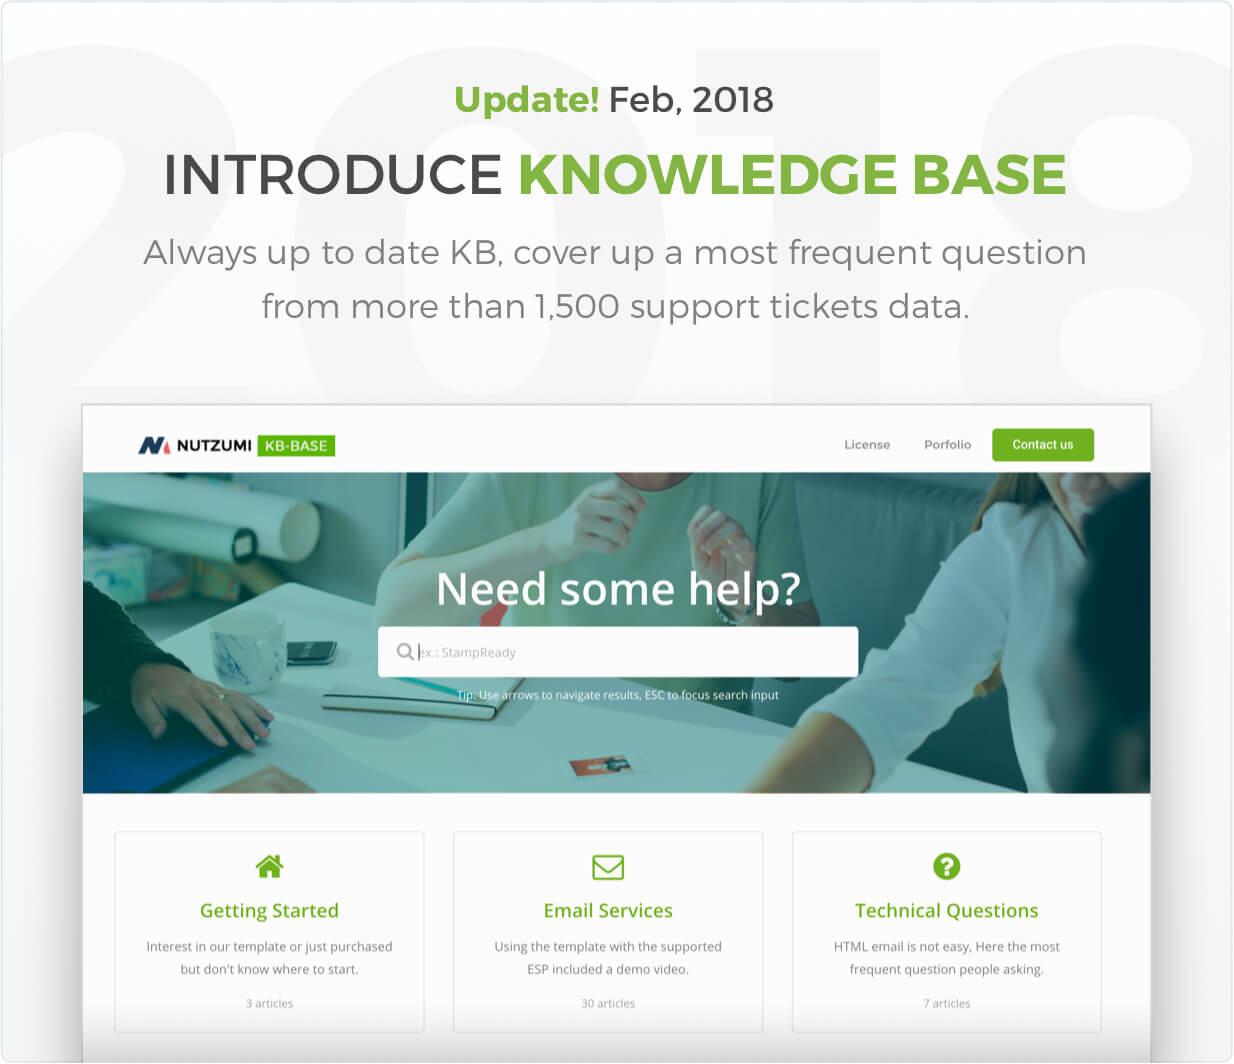 kb base - Koble | Business Email Set